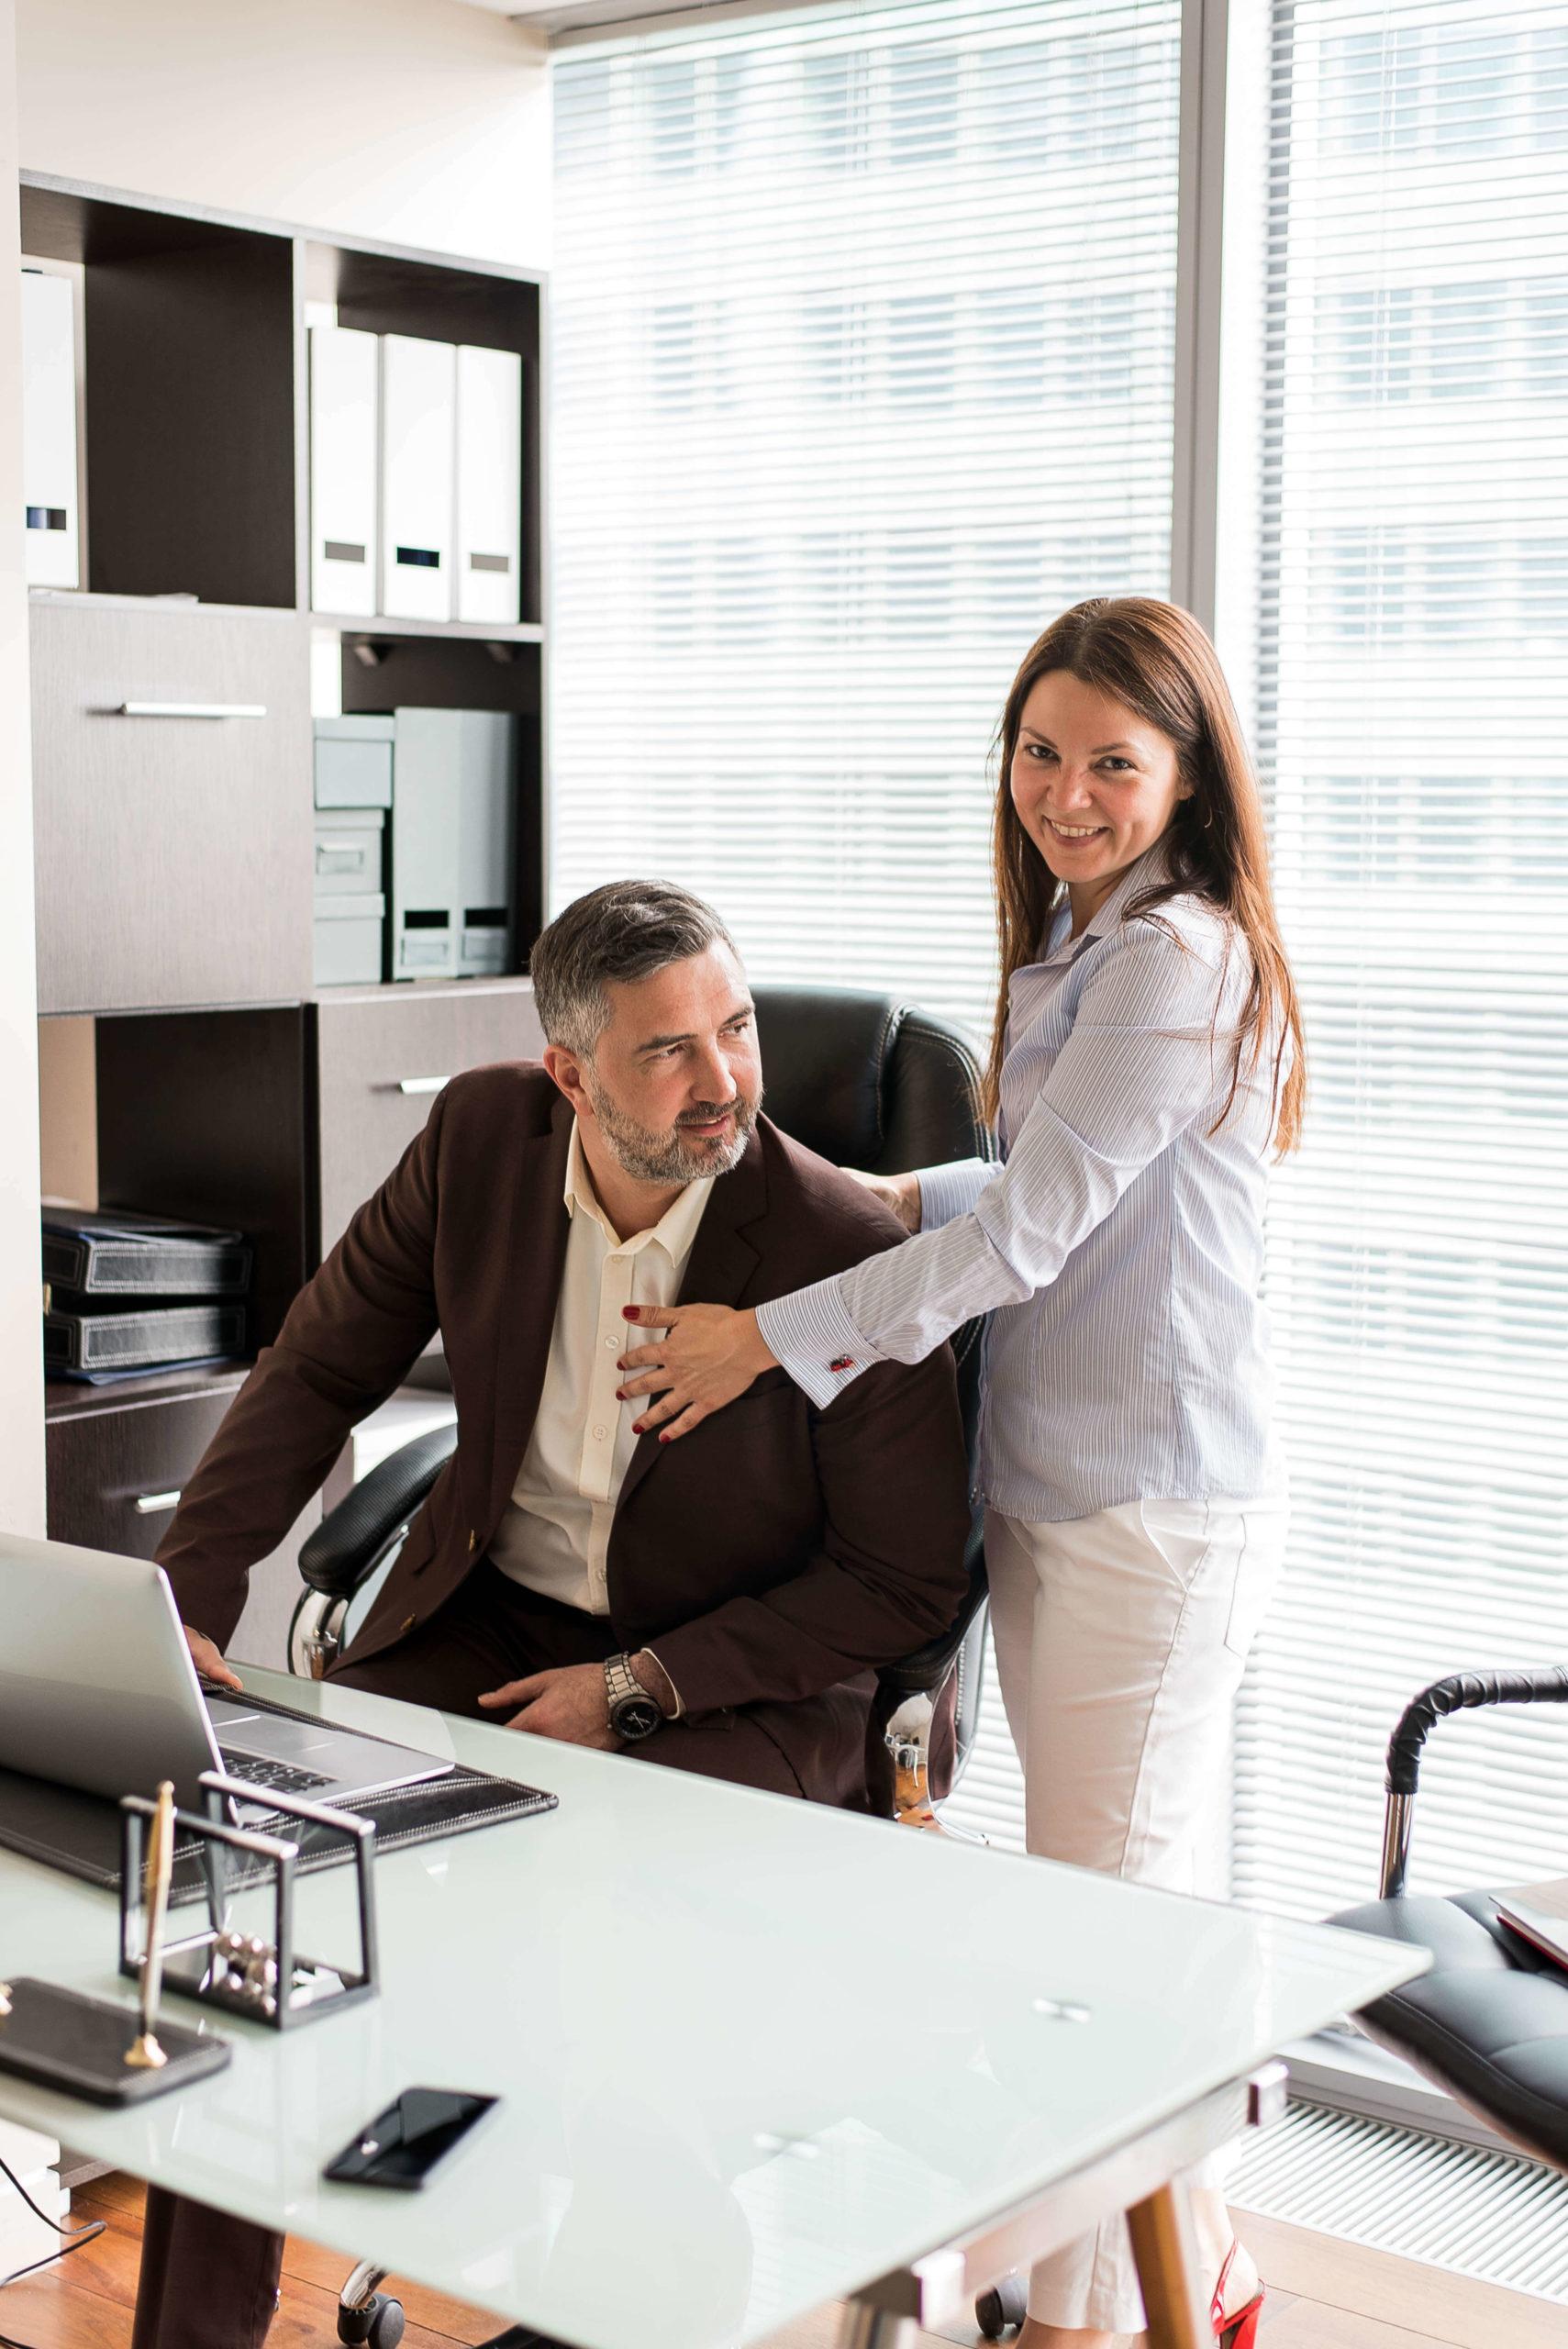 Отношения на работе, в офисе